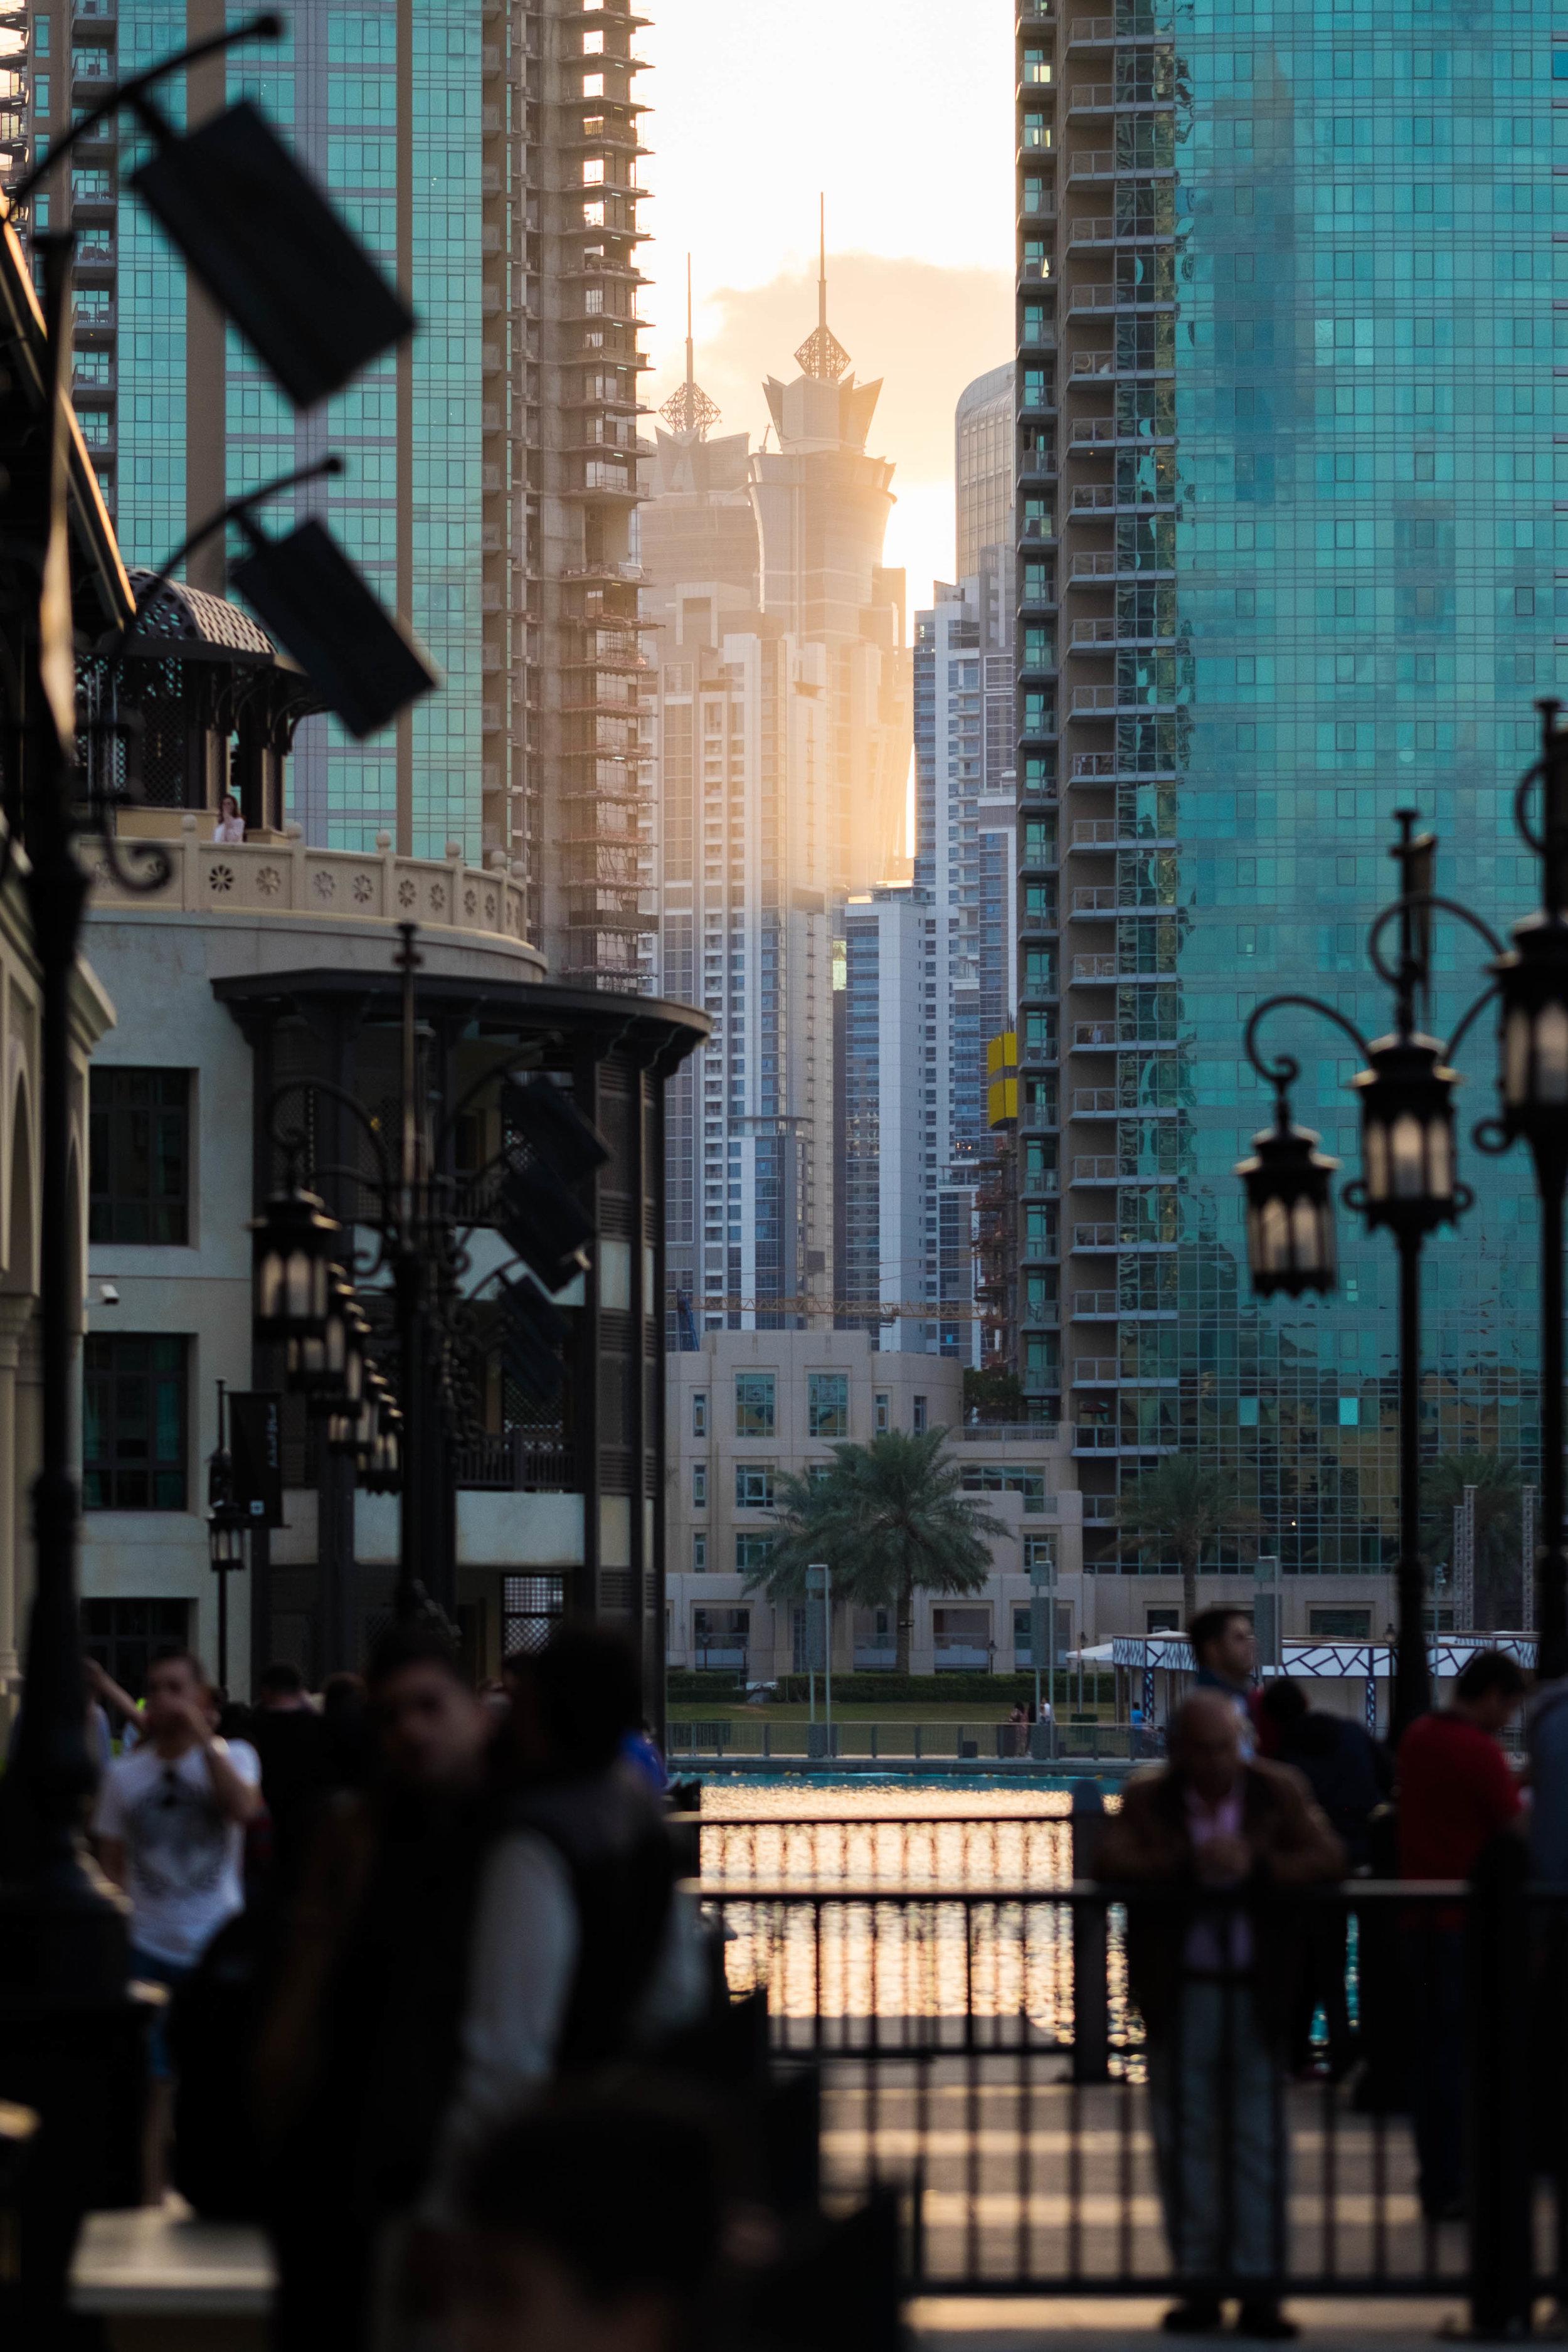 sunset in plastic city